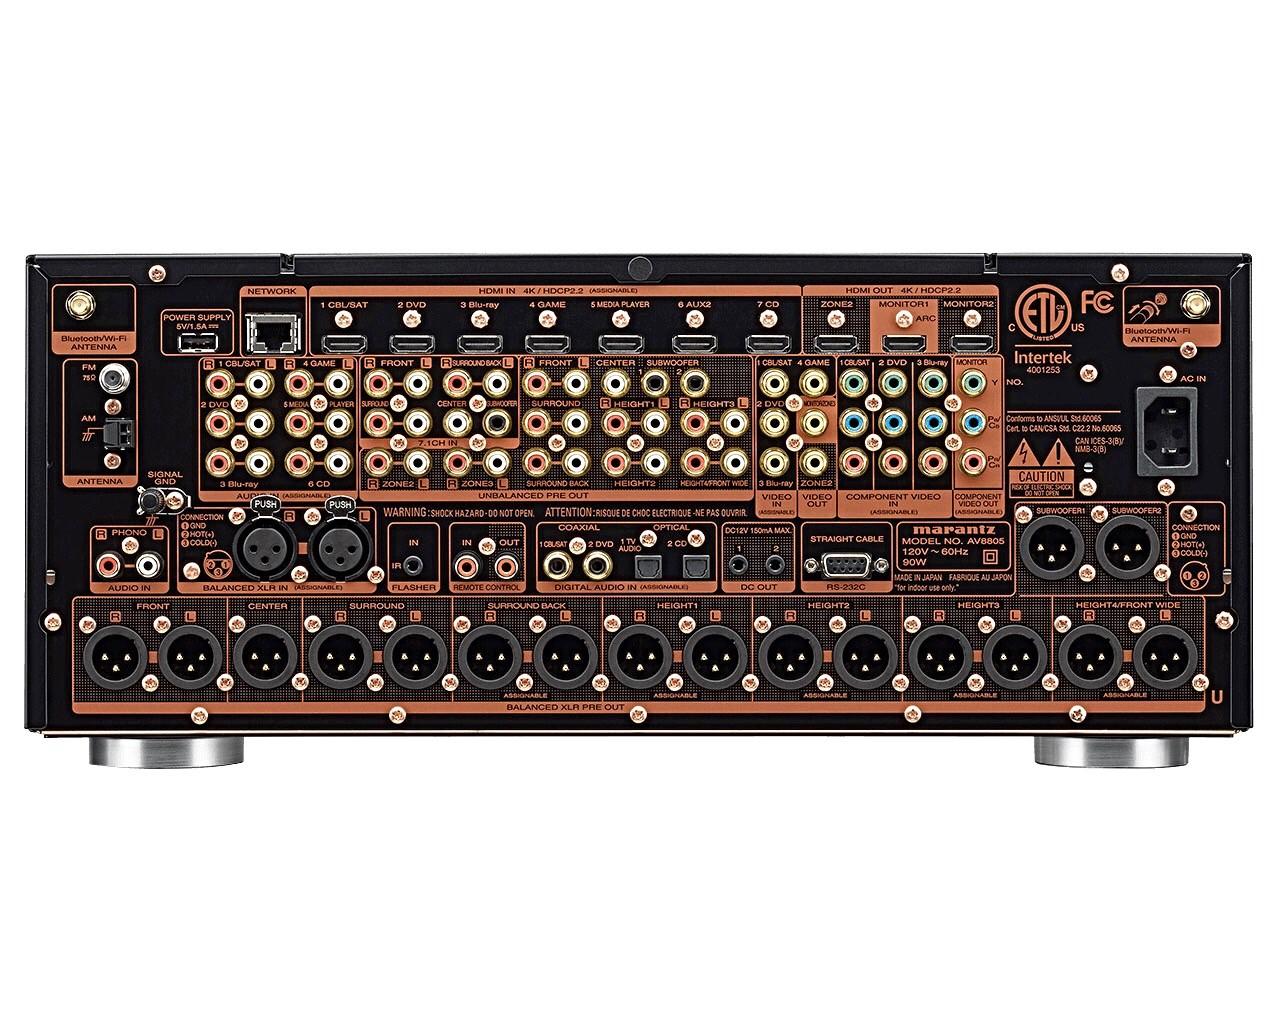 Marantz-AV8805-Pre-Amplifier-Review